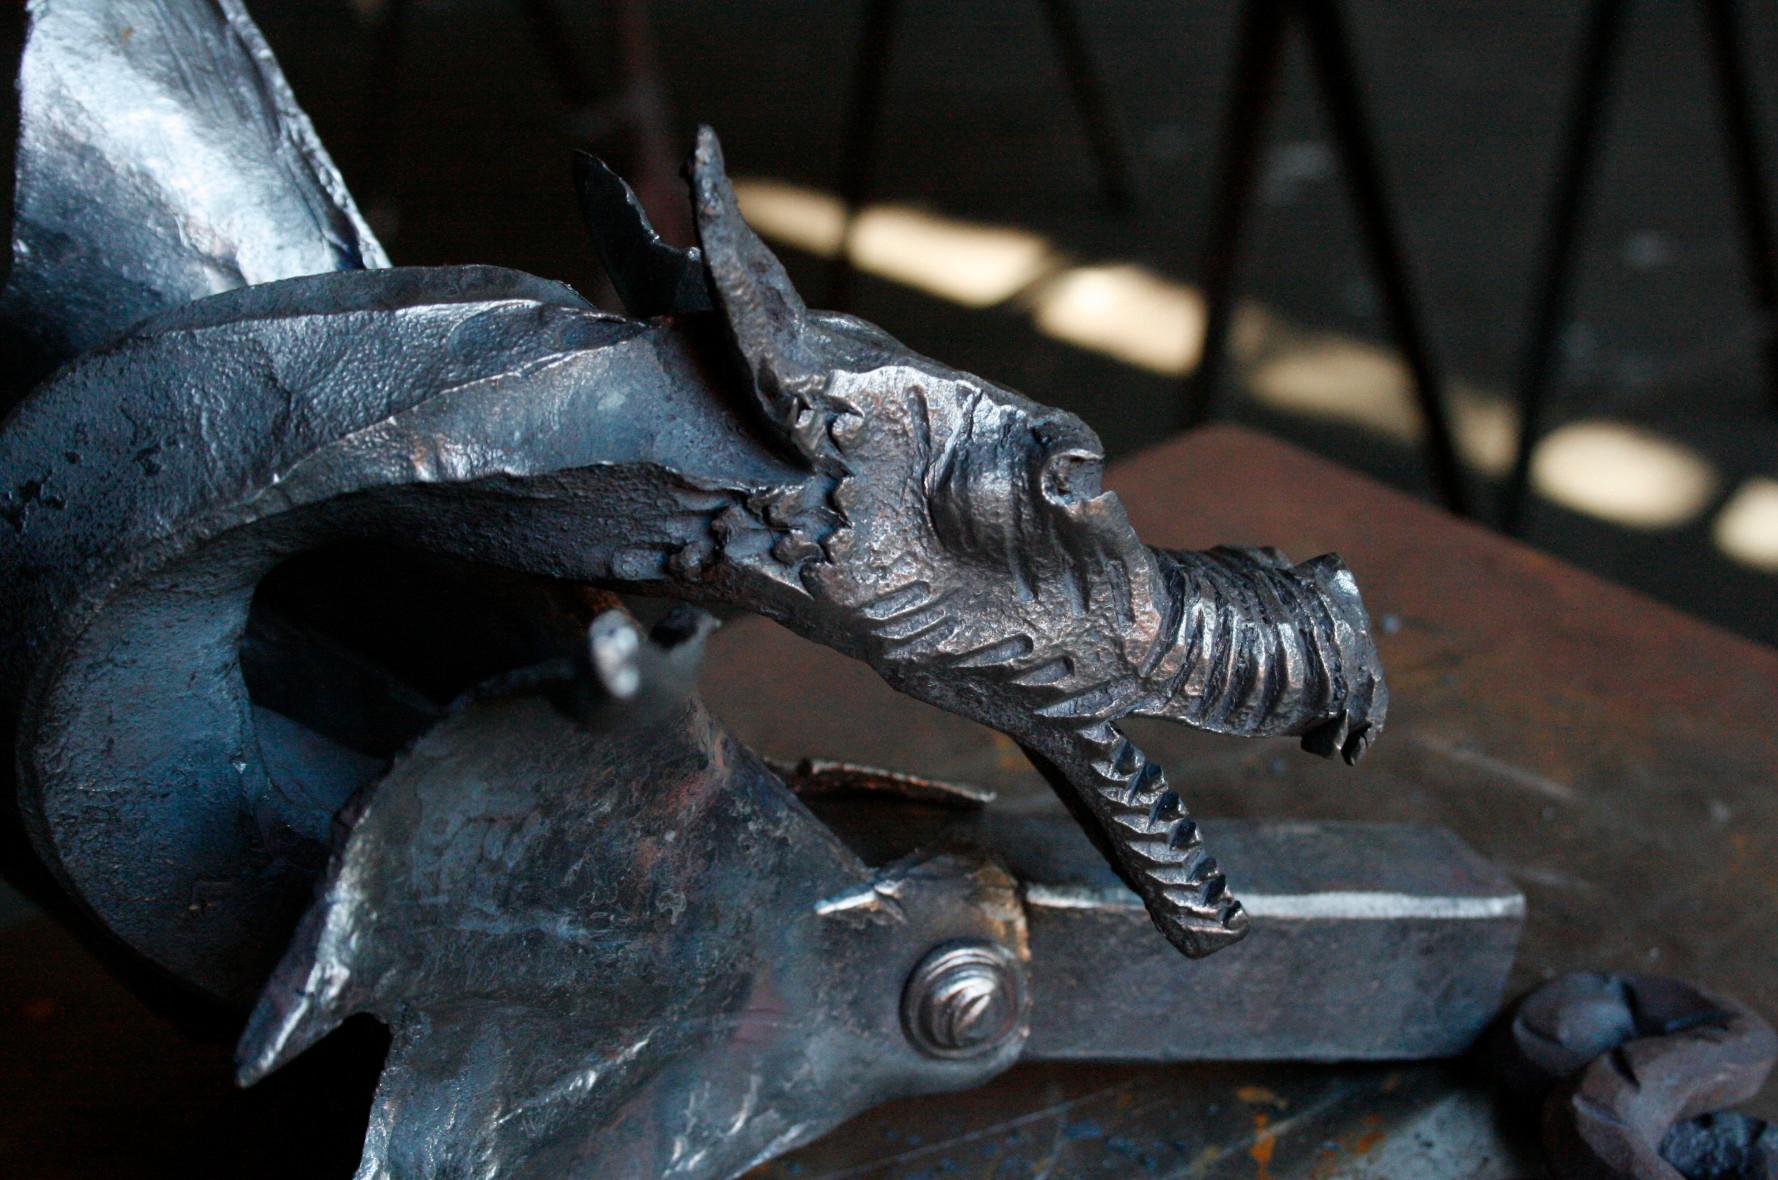 Cabeza de Dragón realizada por alumno del 1ºcurso de Forja Tradicional de la Escuela de Herreros